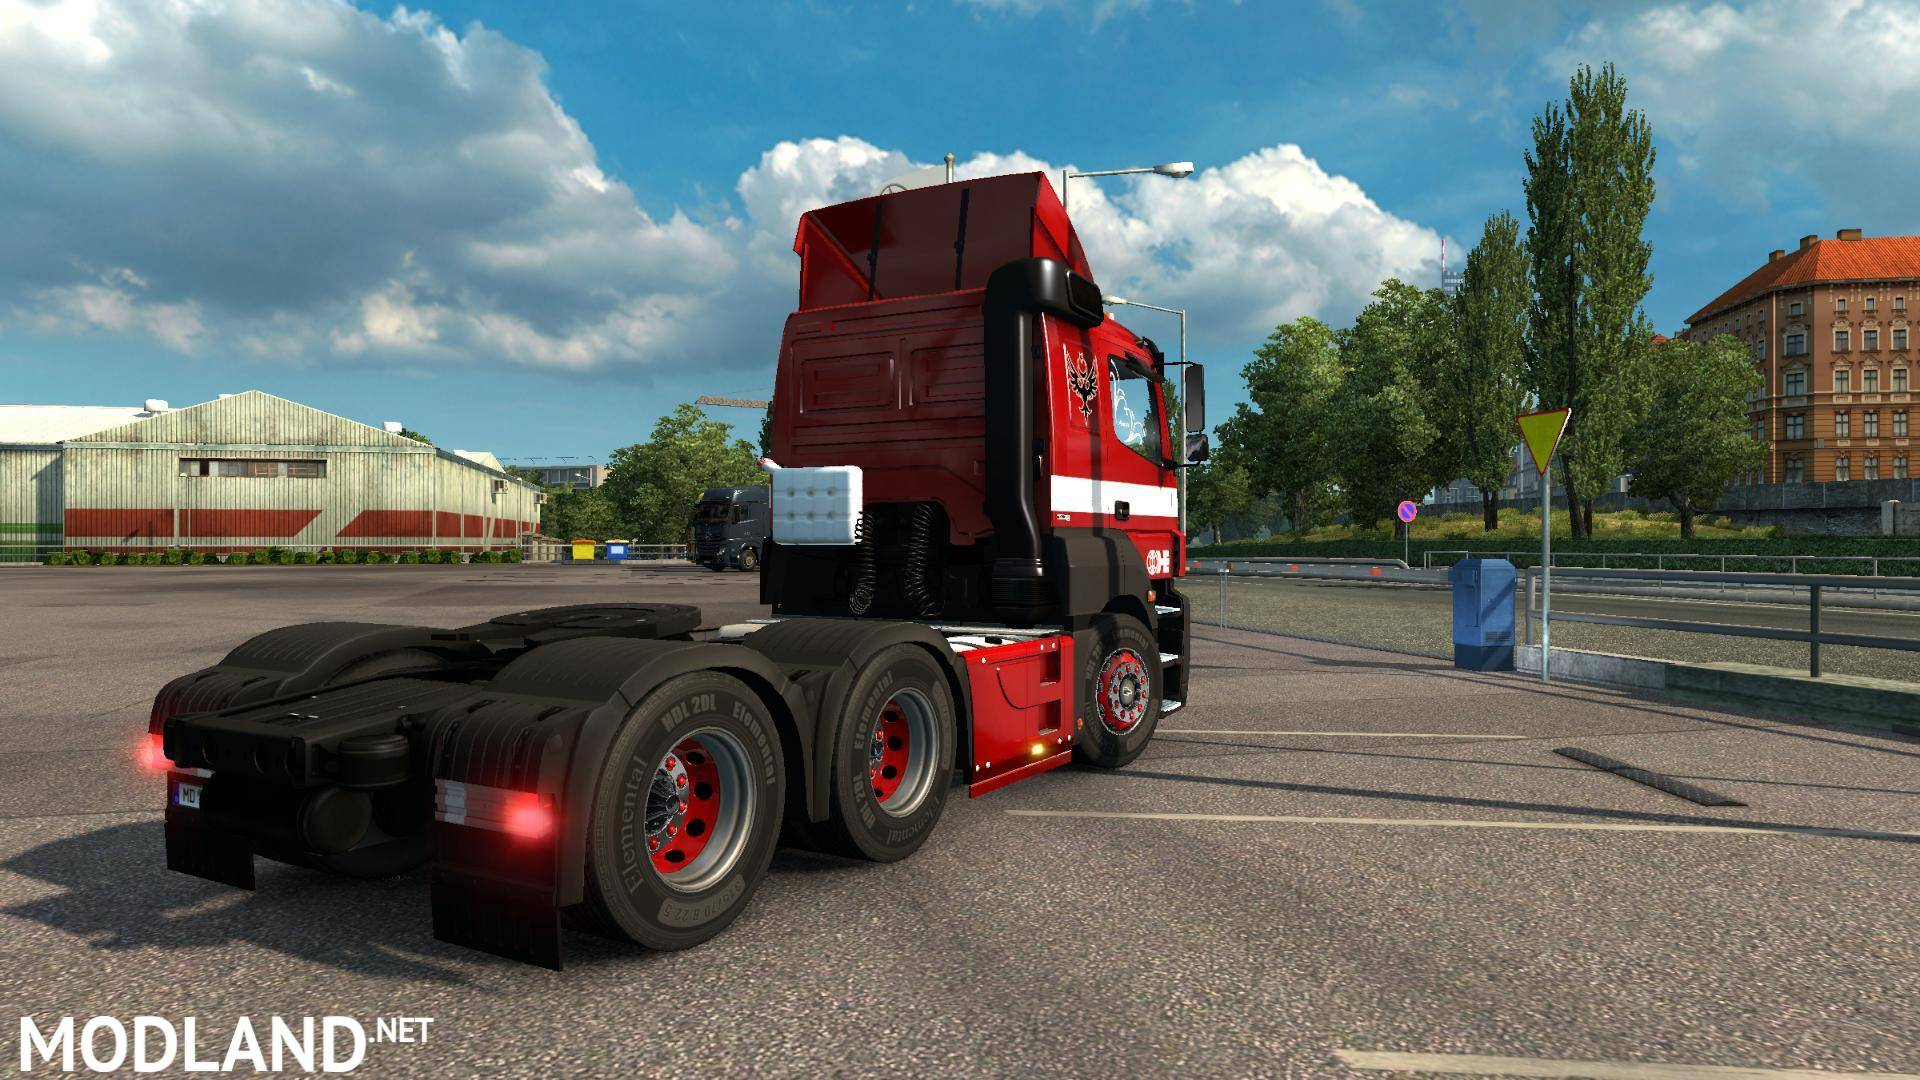 Net Direct Trucks >> Mercedes Benx AXOR v7.0 mod for ETS 2